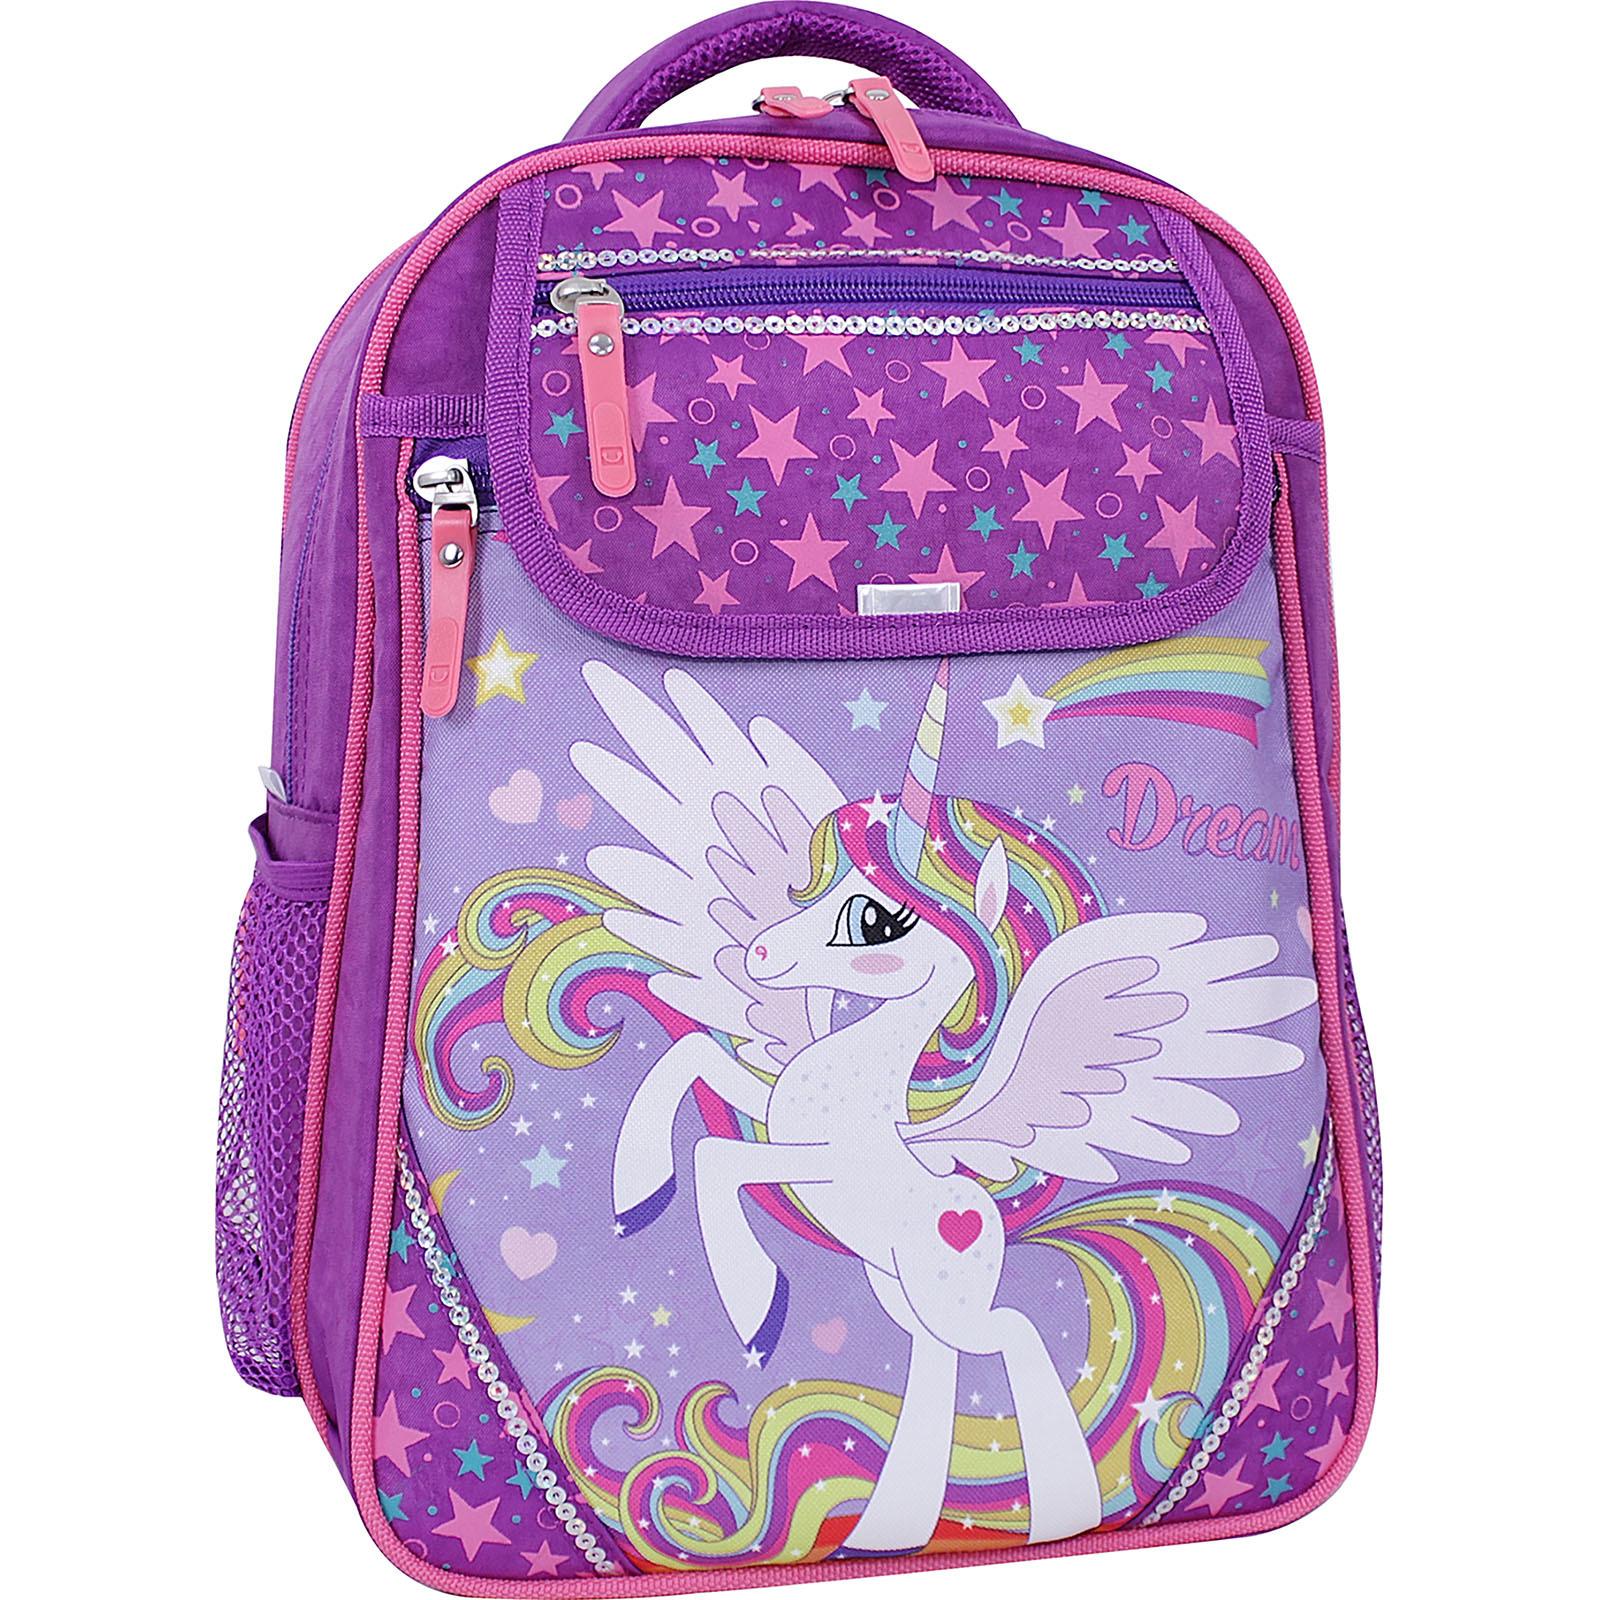 Школьные рюкзаки Рюкзак школьный Bagland Отличник 20 л. фиолетовый 674 (0058070) IMG_1208суб.674.JPG